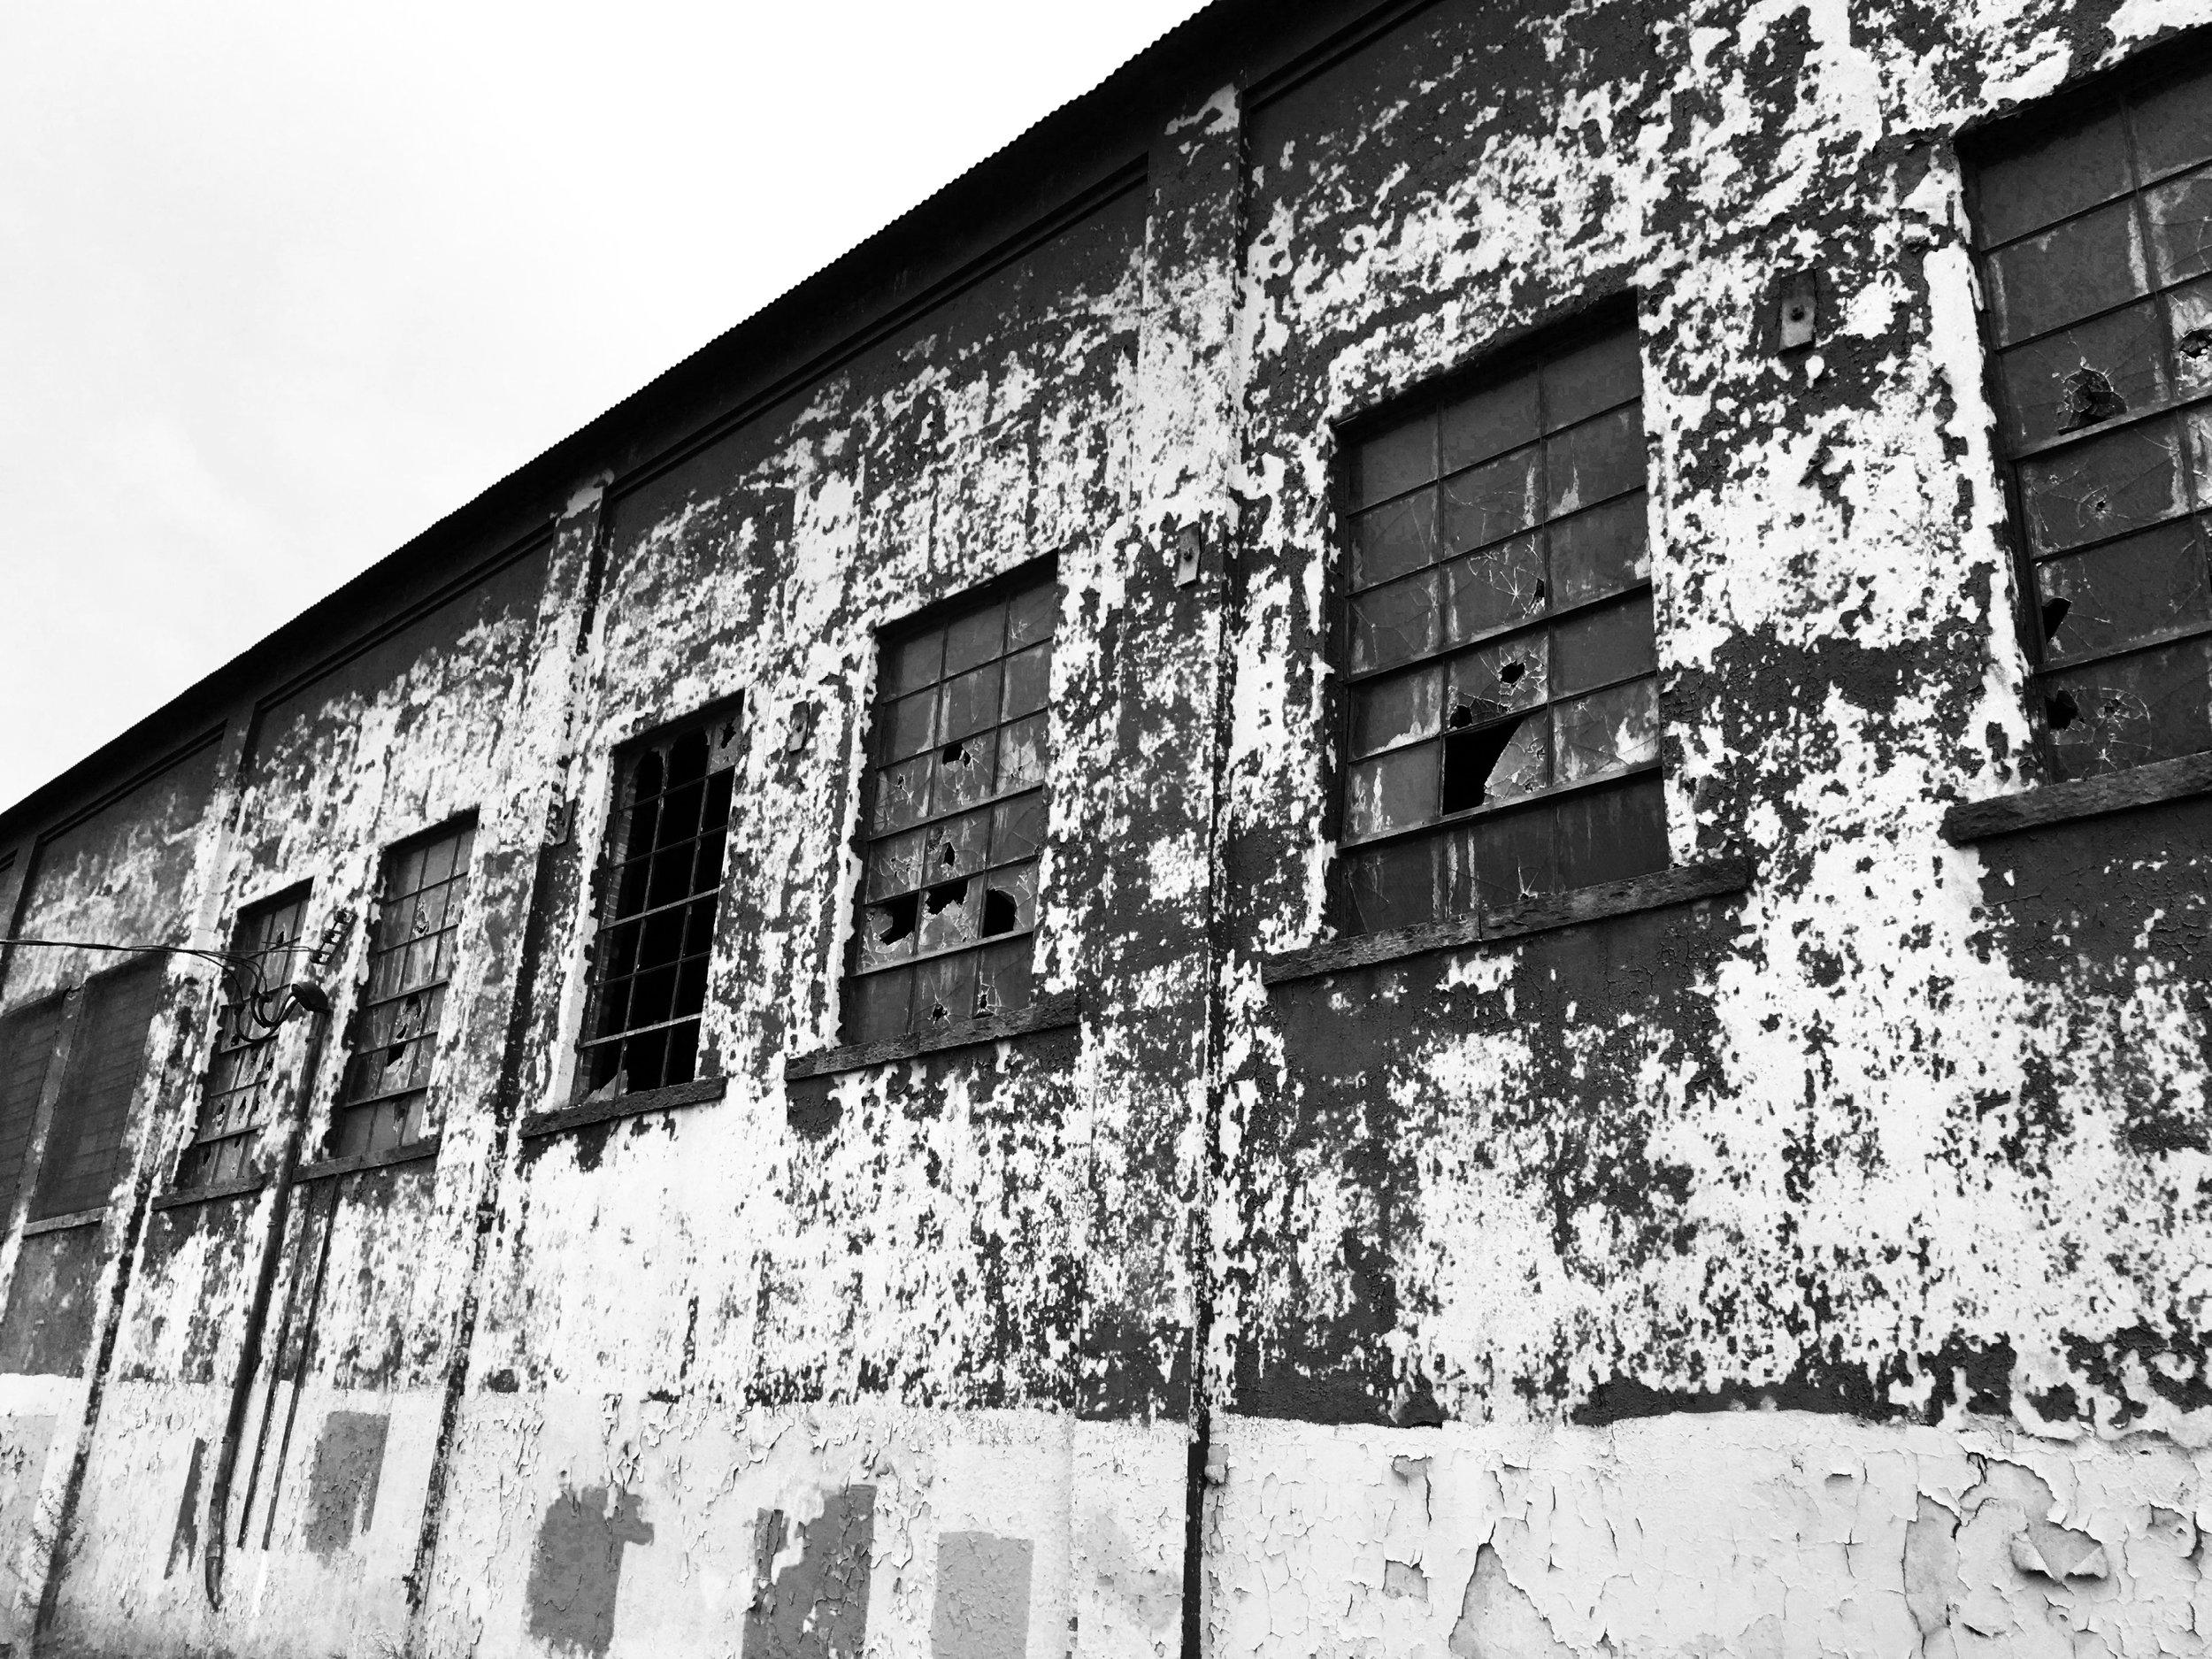 Decrepit building photography